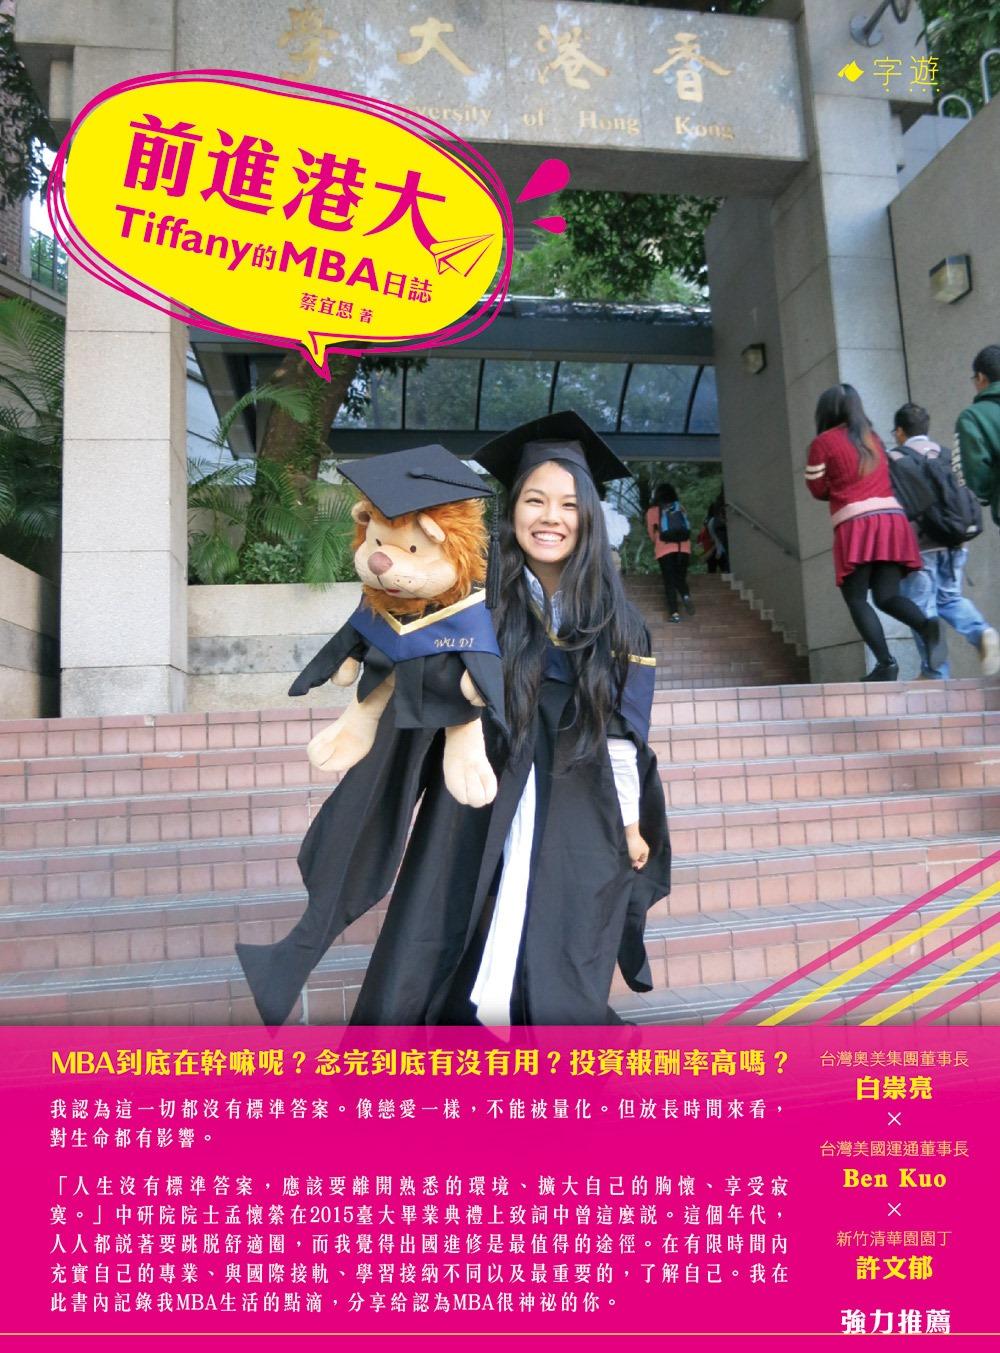 前進港大:Tiffany的MBA日誌